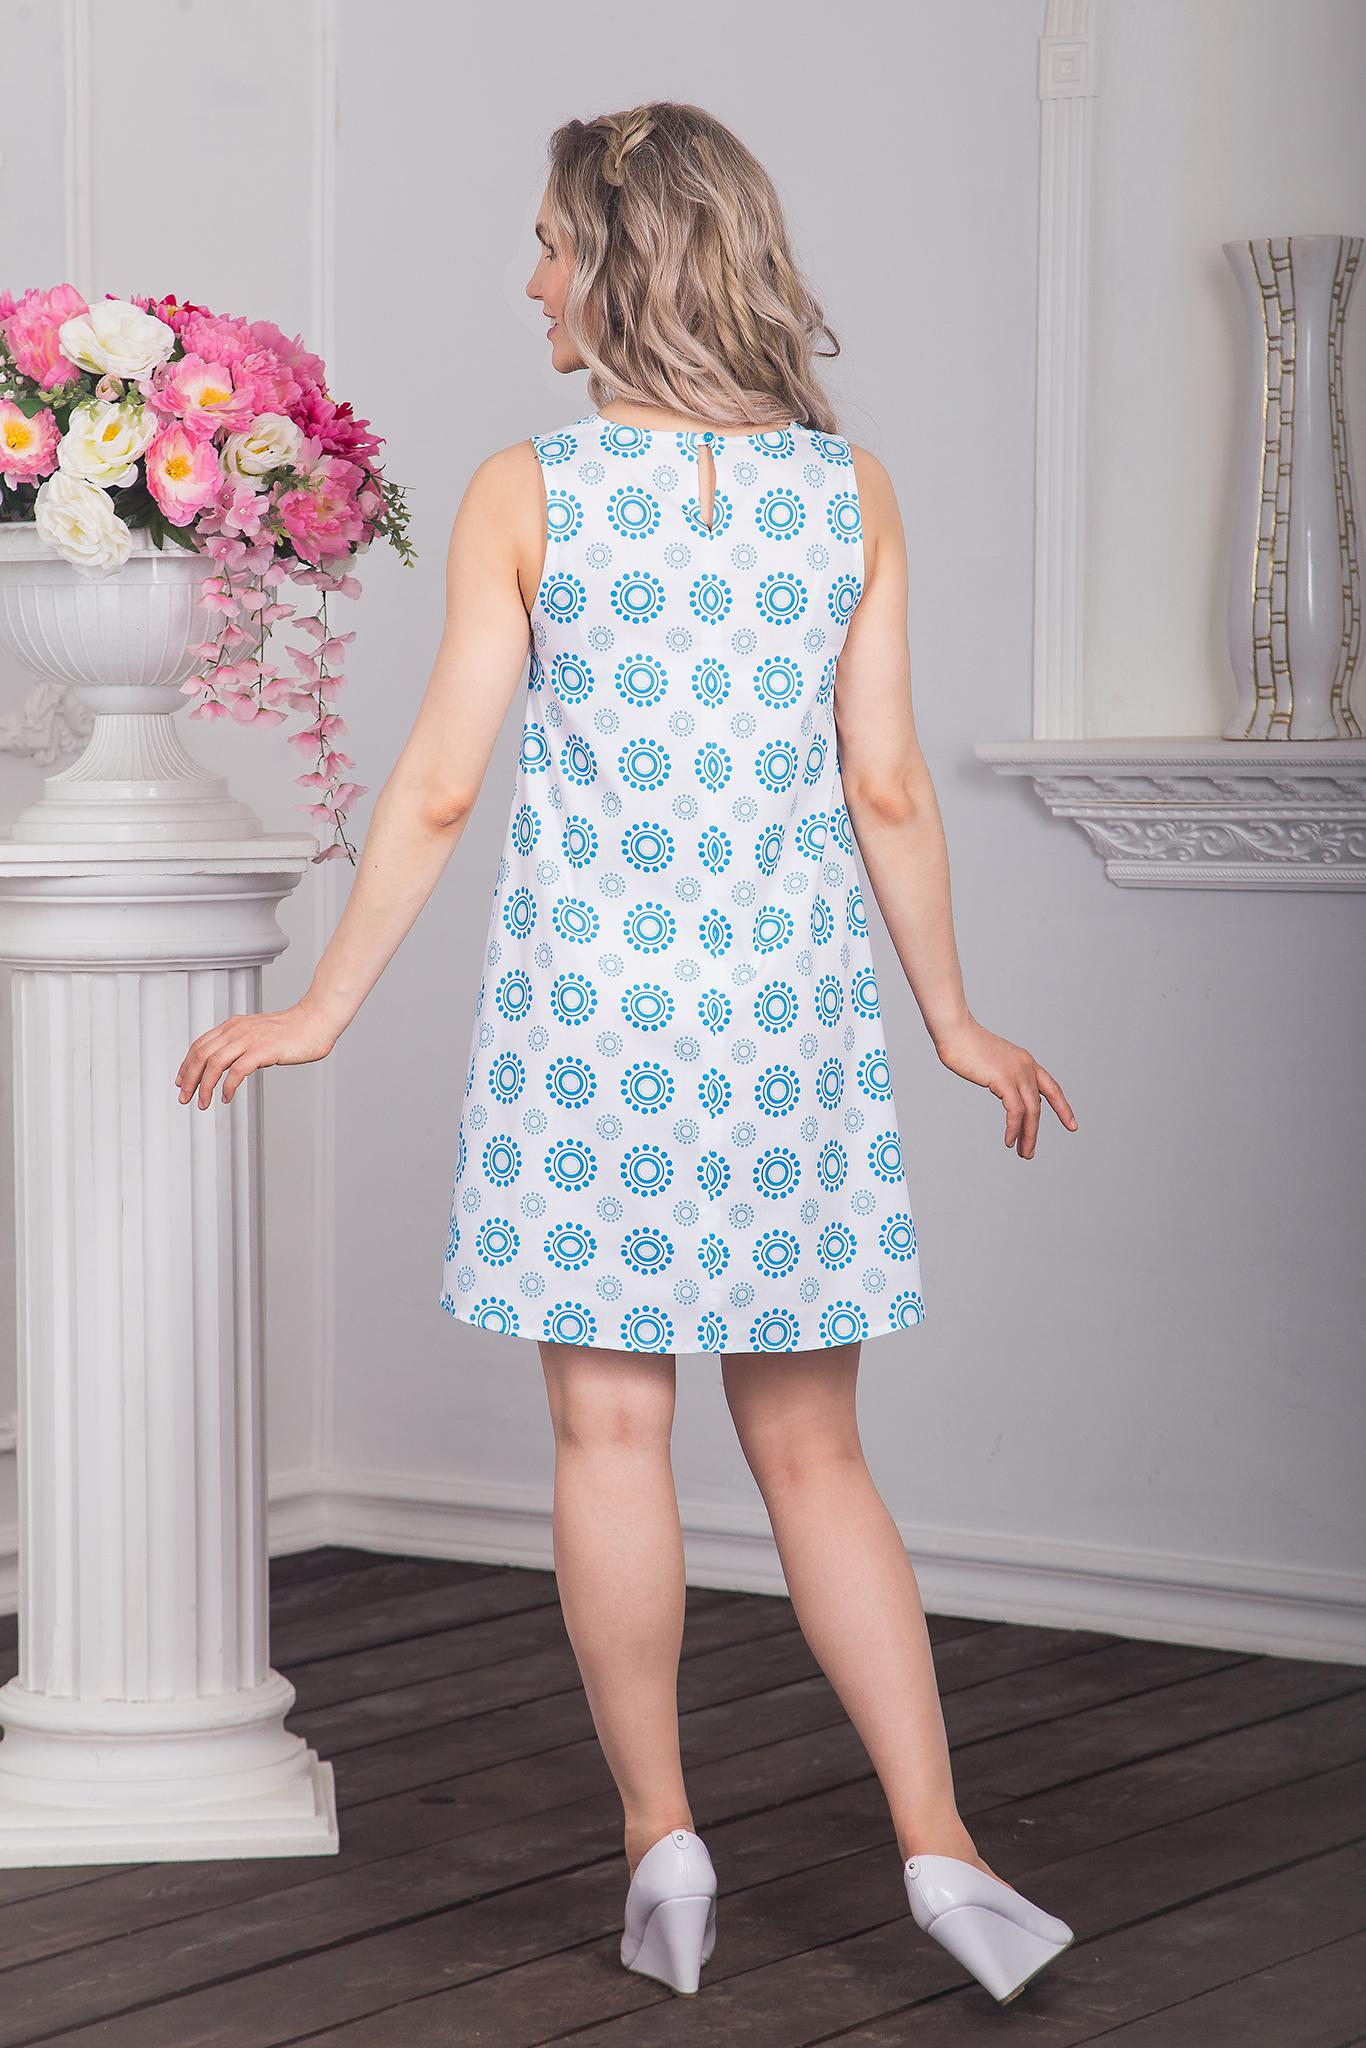 Платье хлопковое Дымковская игрушка (лазурные горошины) вид сзади